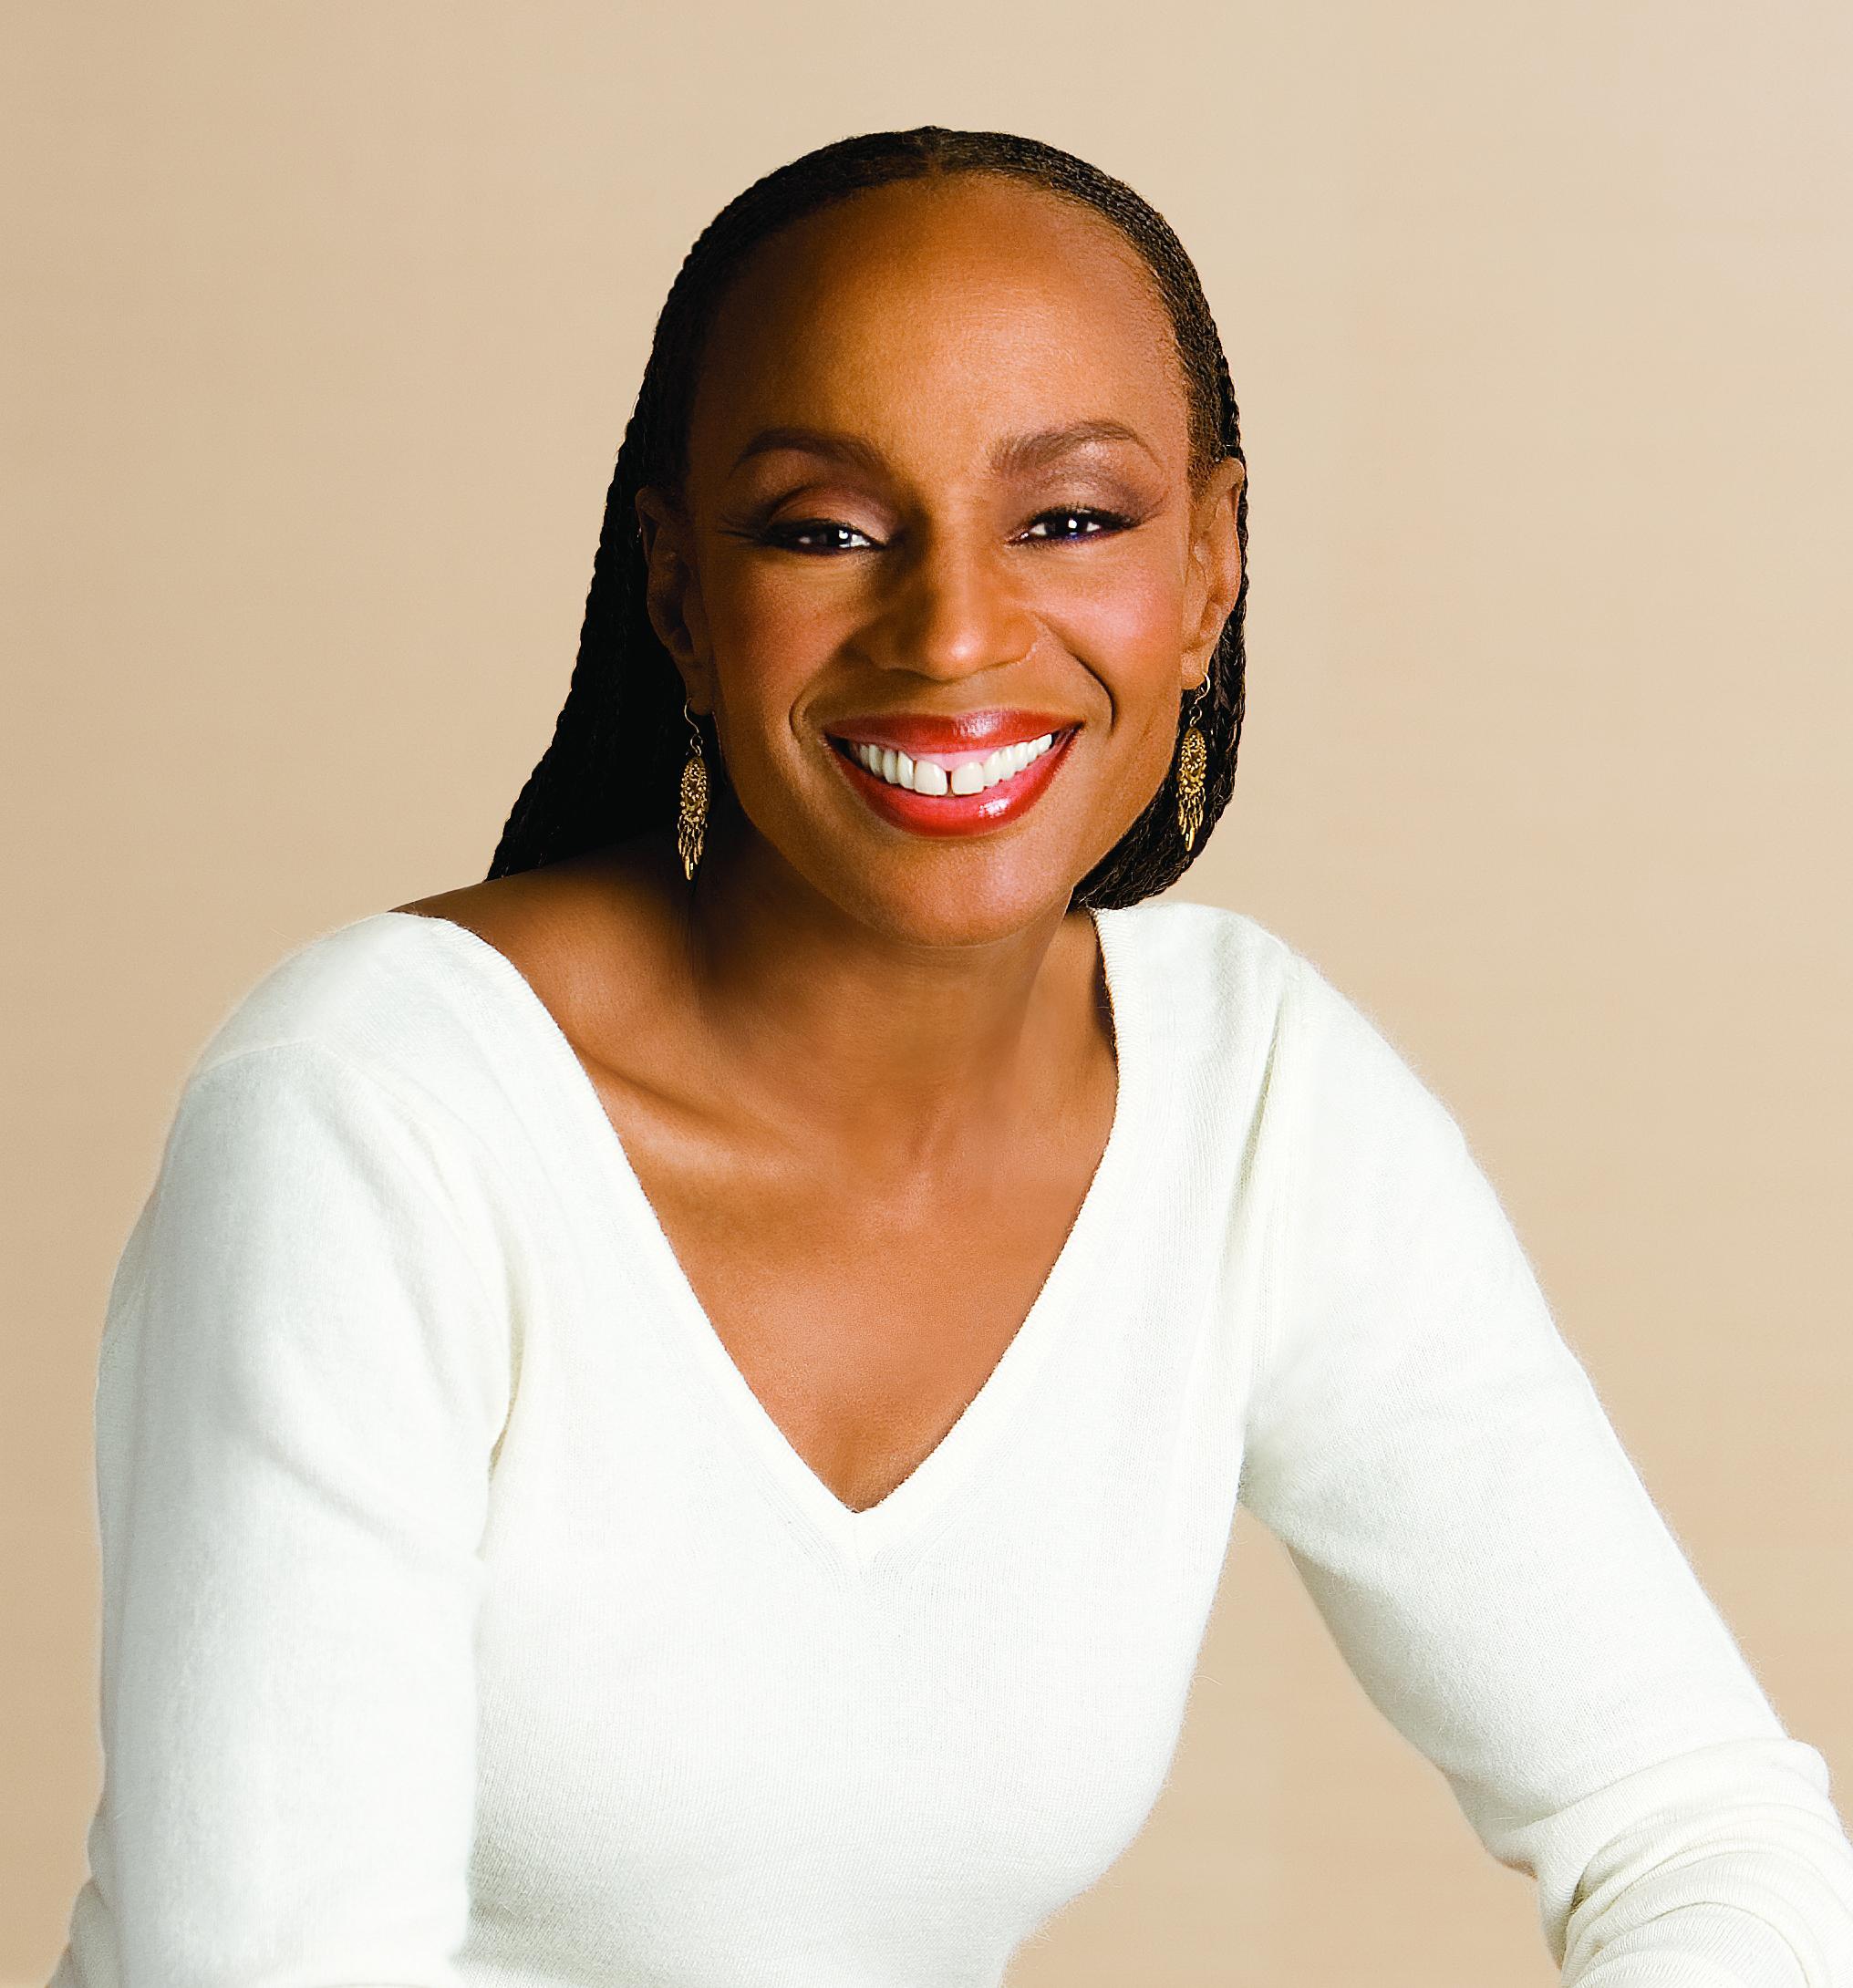 Ms. Susan L. Taylor